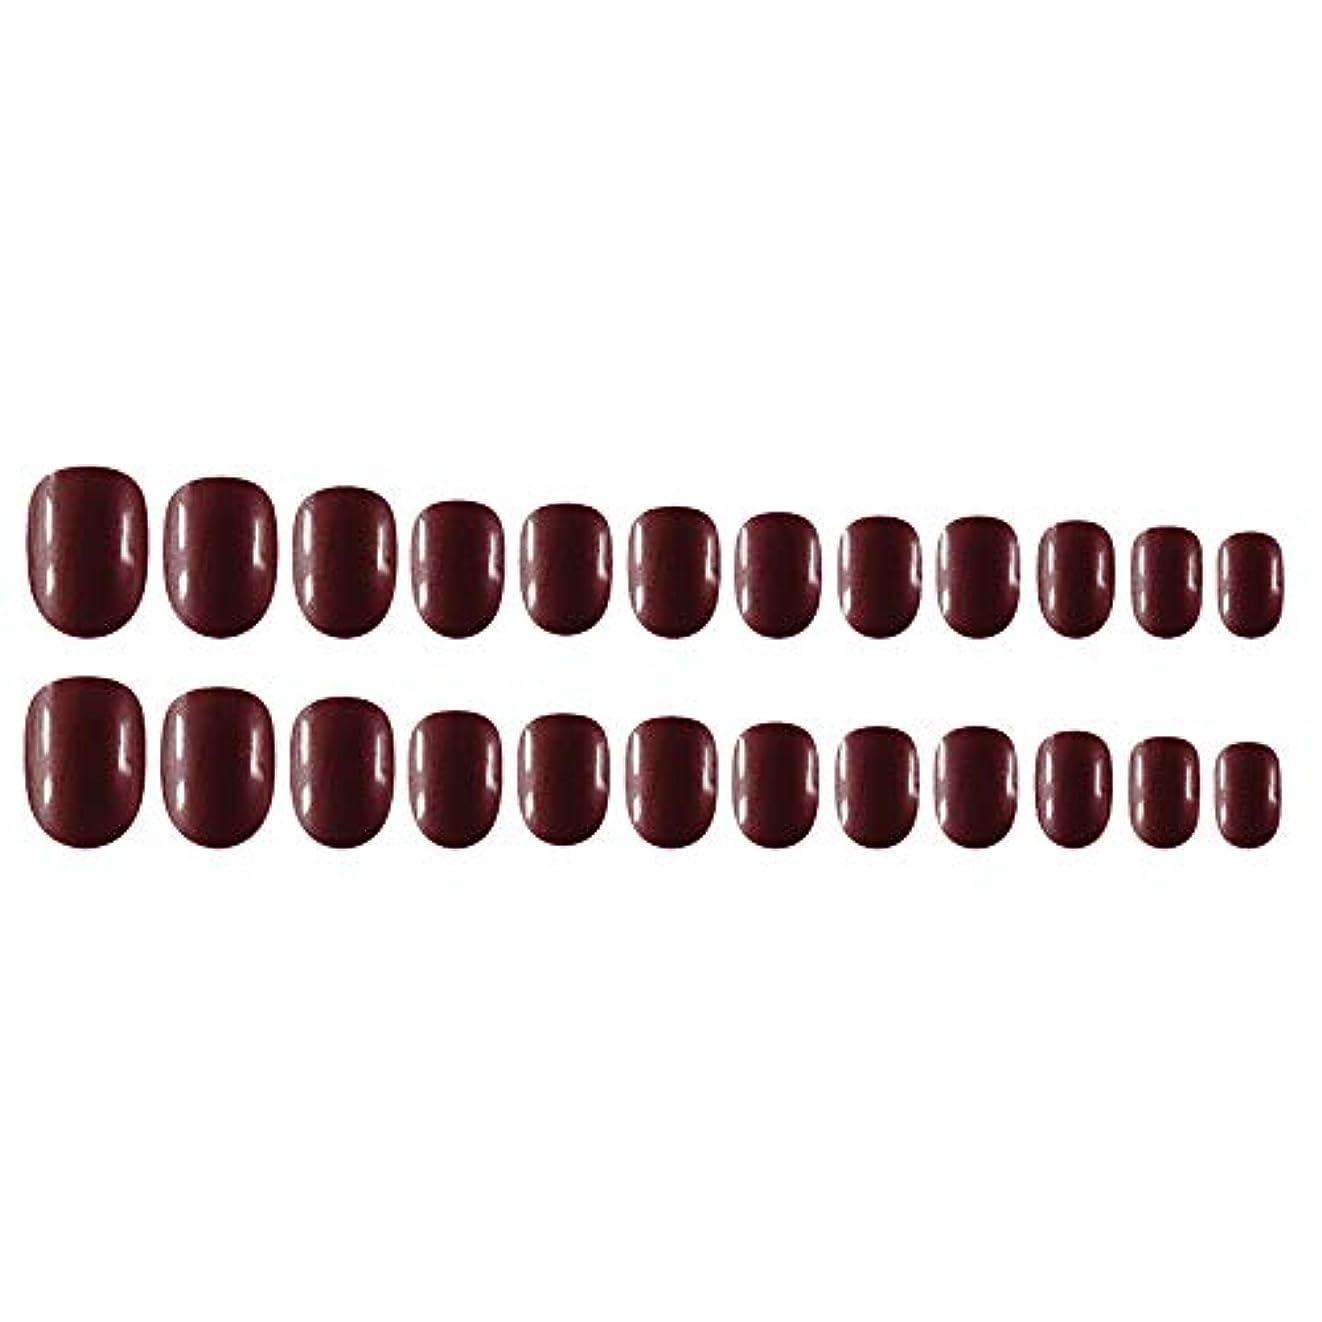 嘆願したがってトロピカルDecdeal Decdeal ネイルチップ 24ピース 12異なるサイズ diy サロン ネイルアートツール 偽